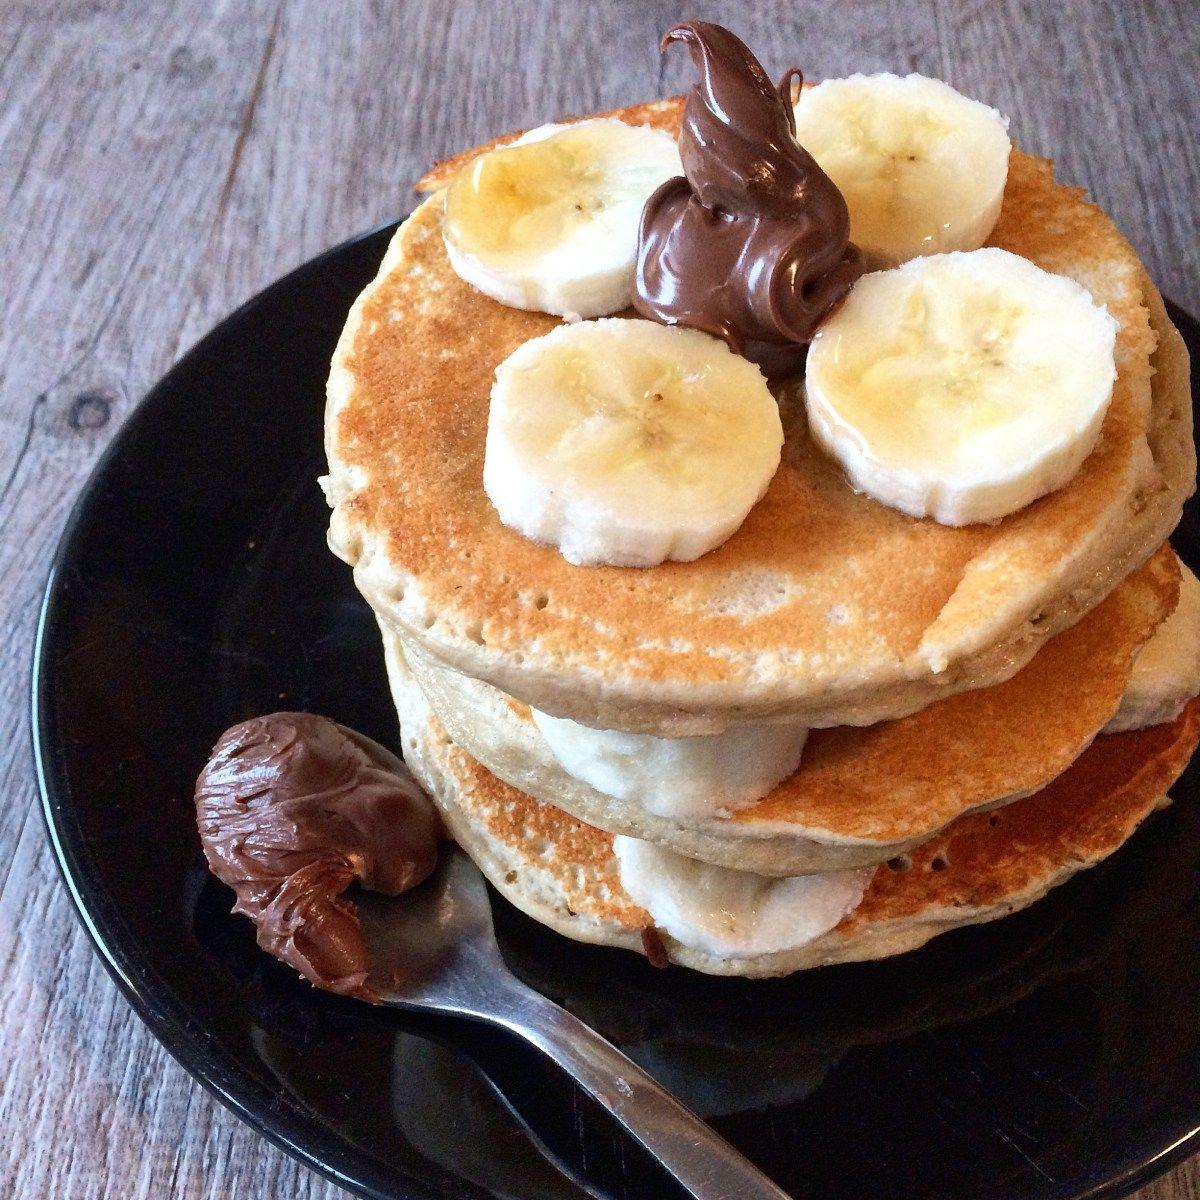 Ma Copine Sandrine M A Donne Cette Recette De Pancake Super Light Et Vraiment Delicieux Et J Avais Completement Zappe Recettes De Pancake Recette Recette Light